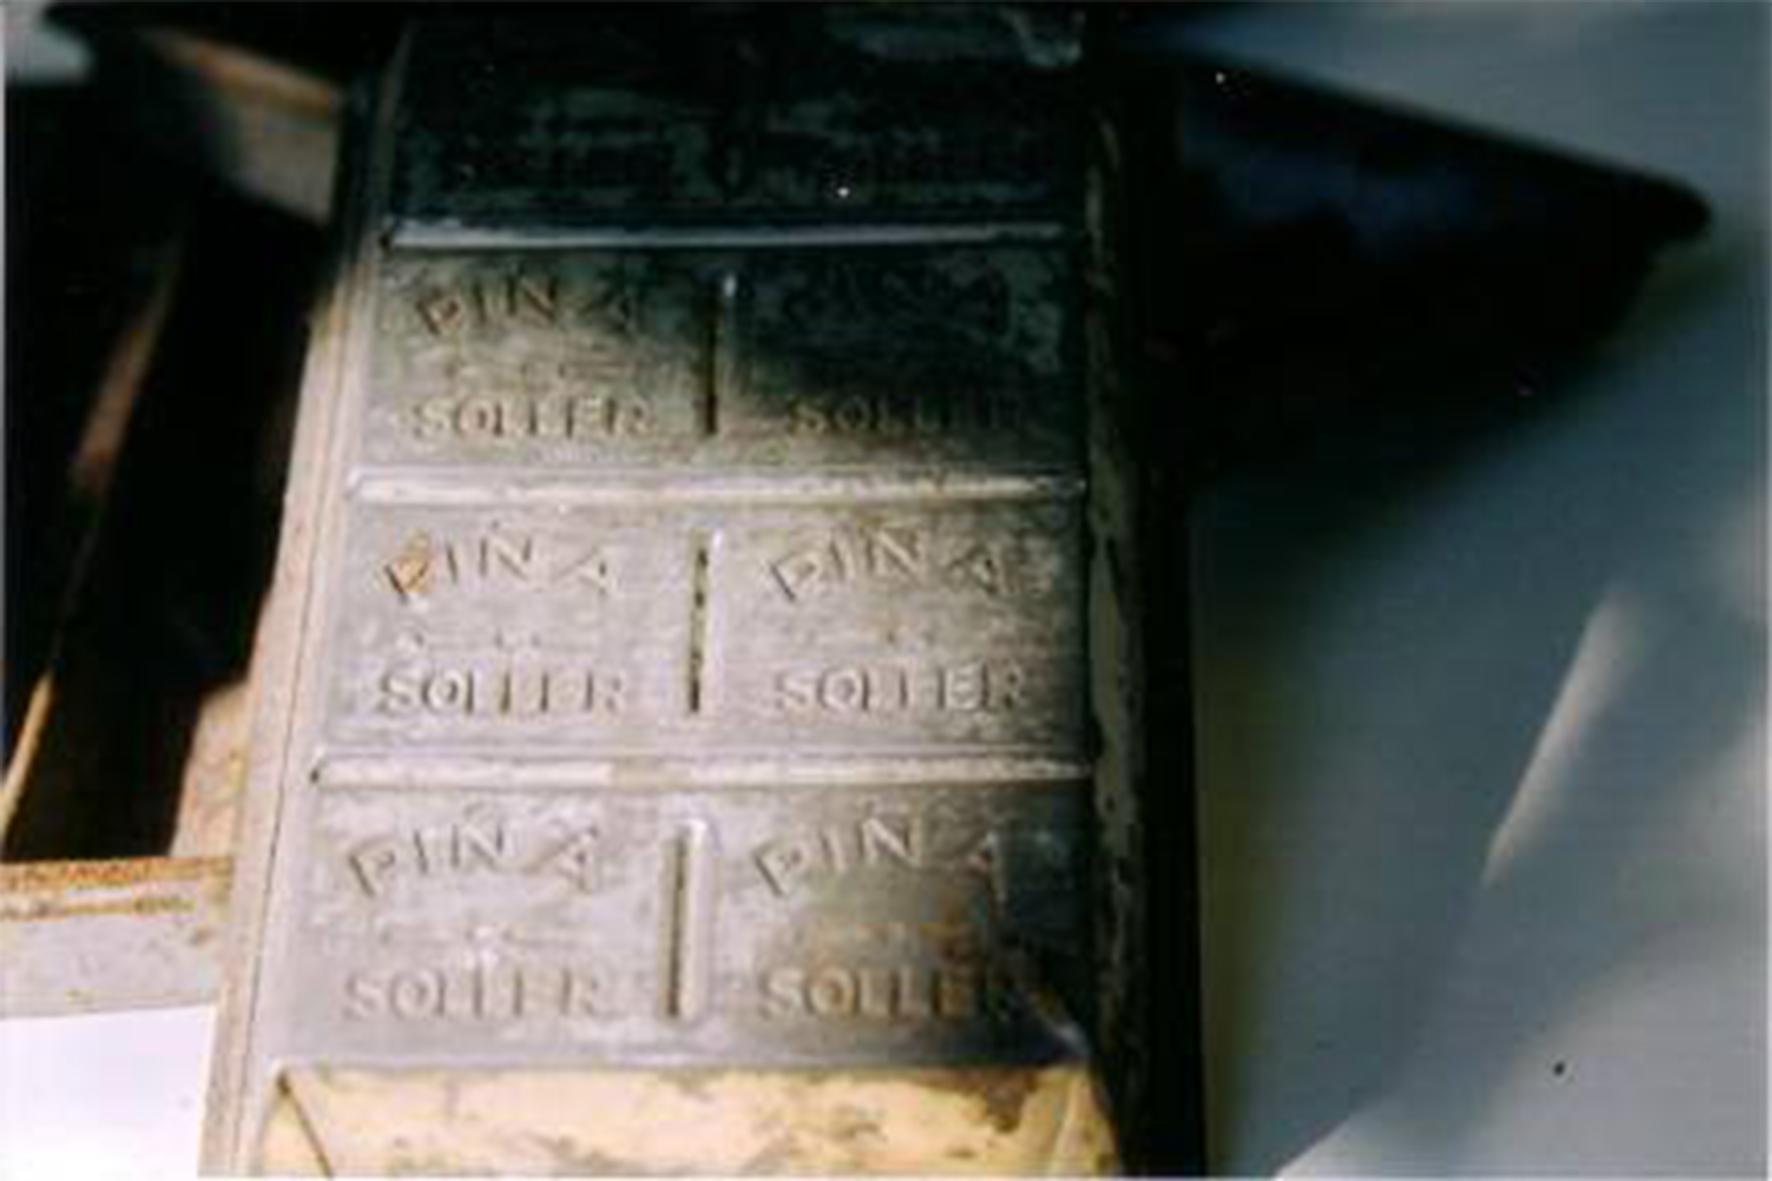 Visita comentada a les fàbriques de xocolata de Sóller